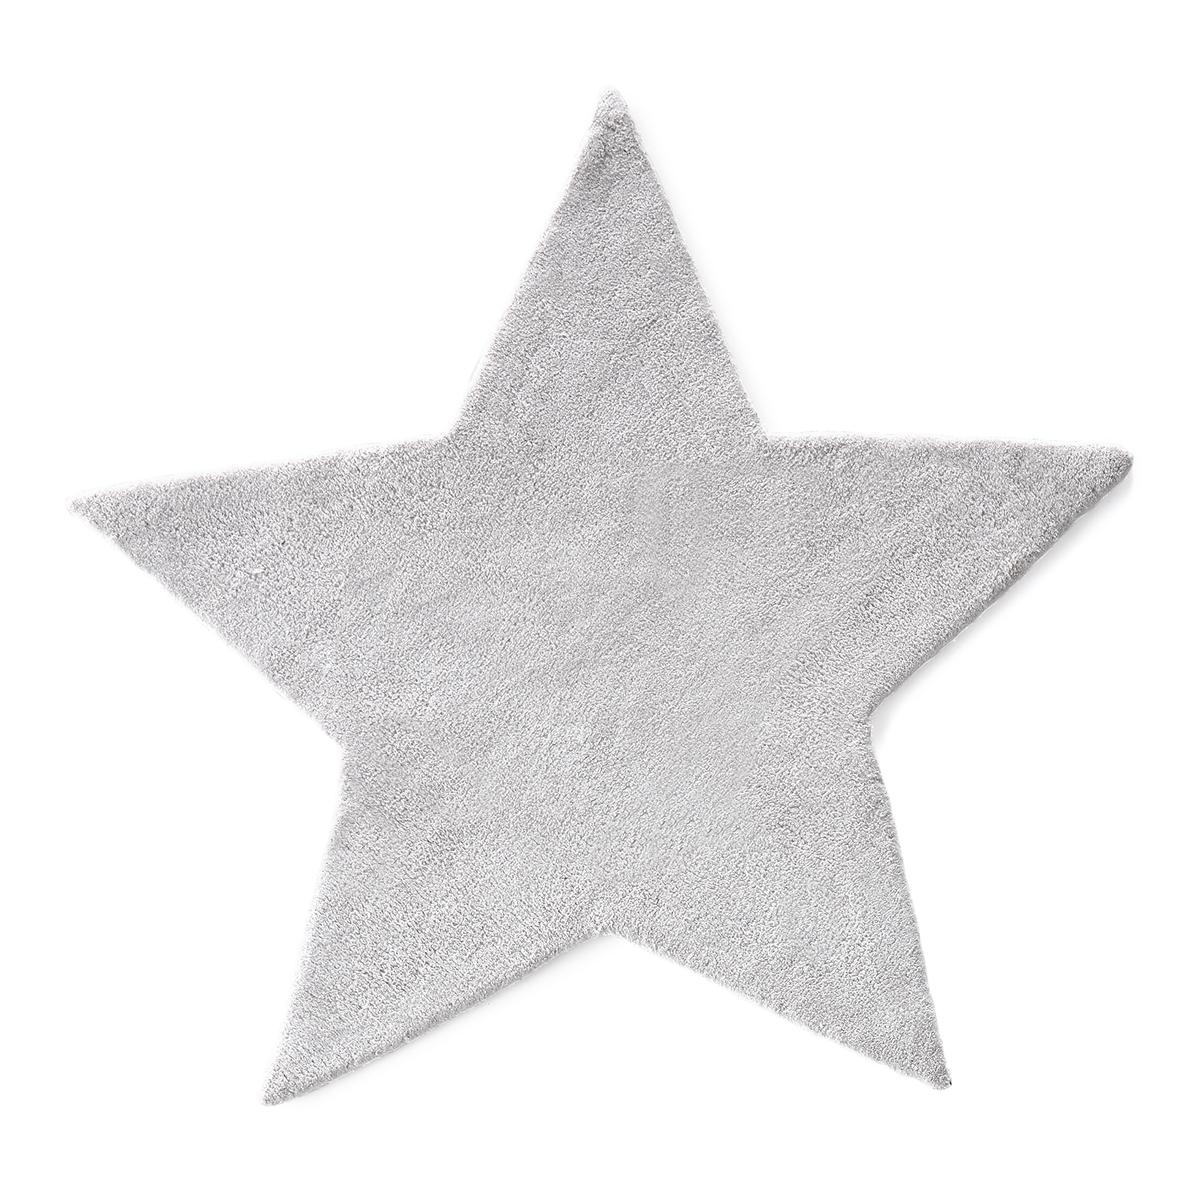 Ковер LaRedoute Детский Estea 100 x 100 см серый ковер hbc bulckaert детский